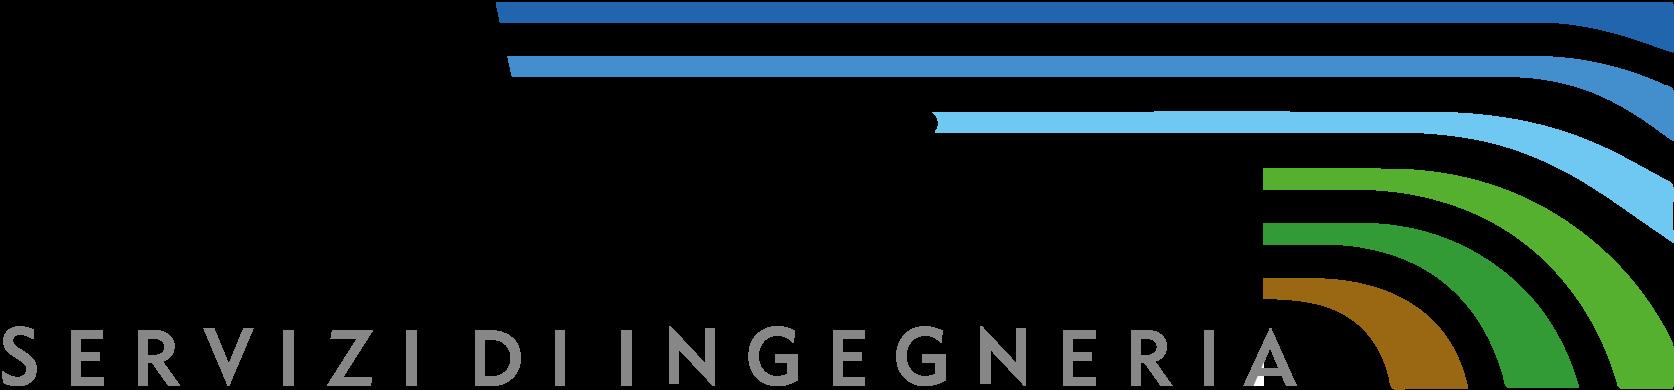 IDEA Project - Servizi di Ingegneria